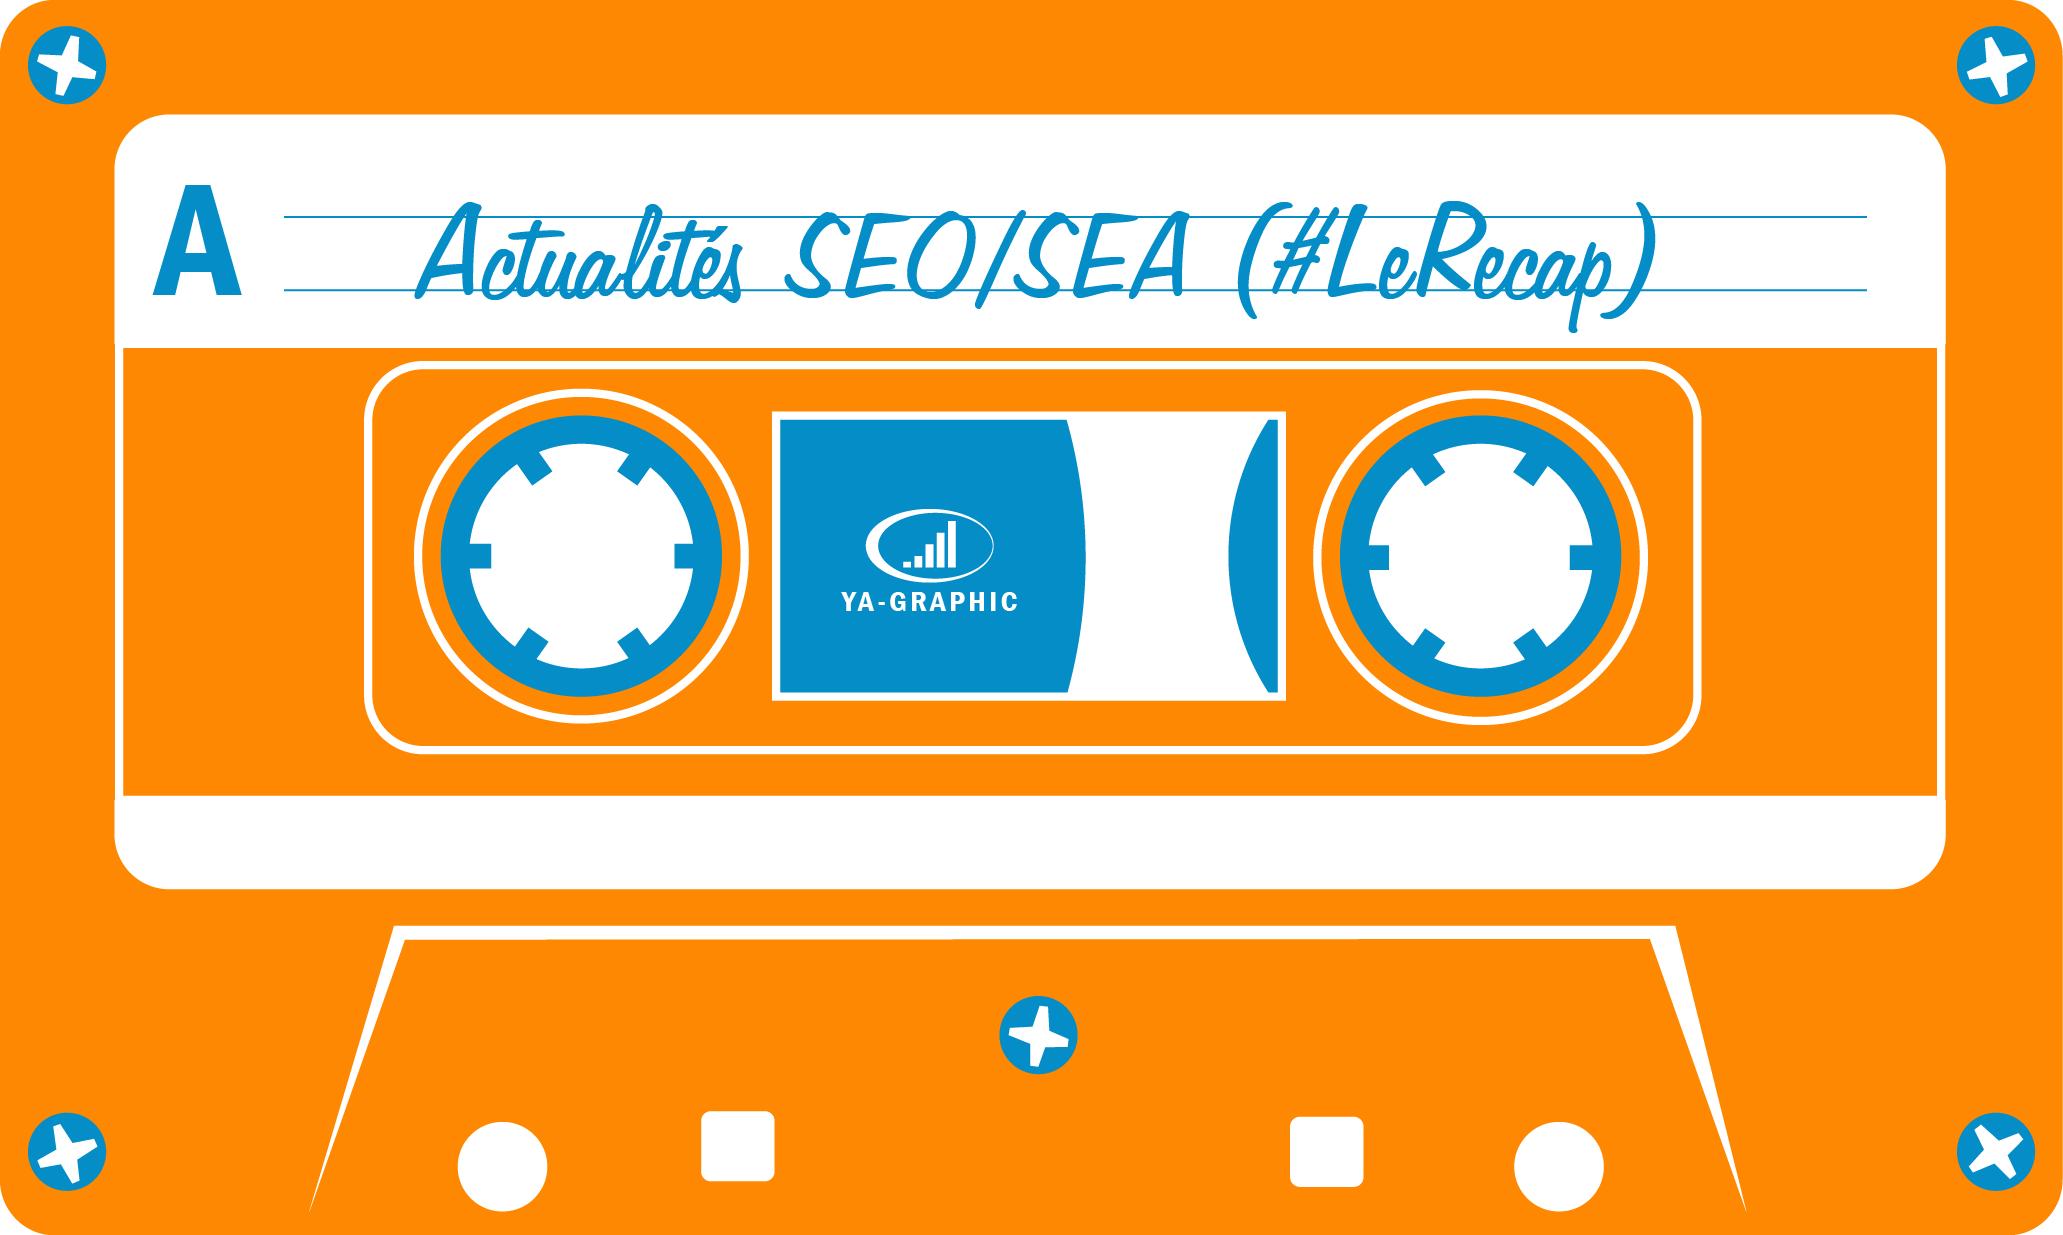 Actualités SEO SEA (le récap)